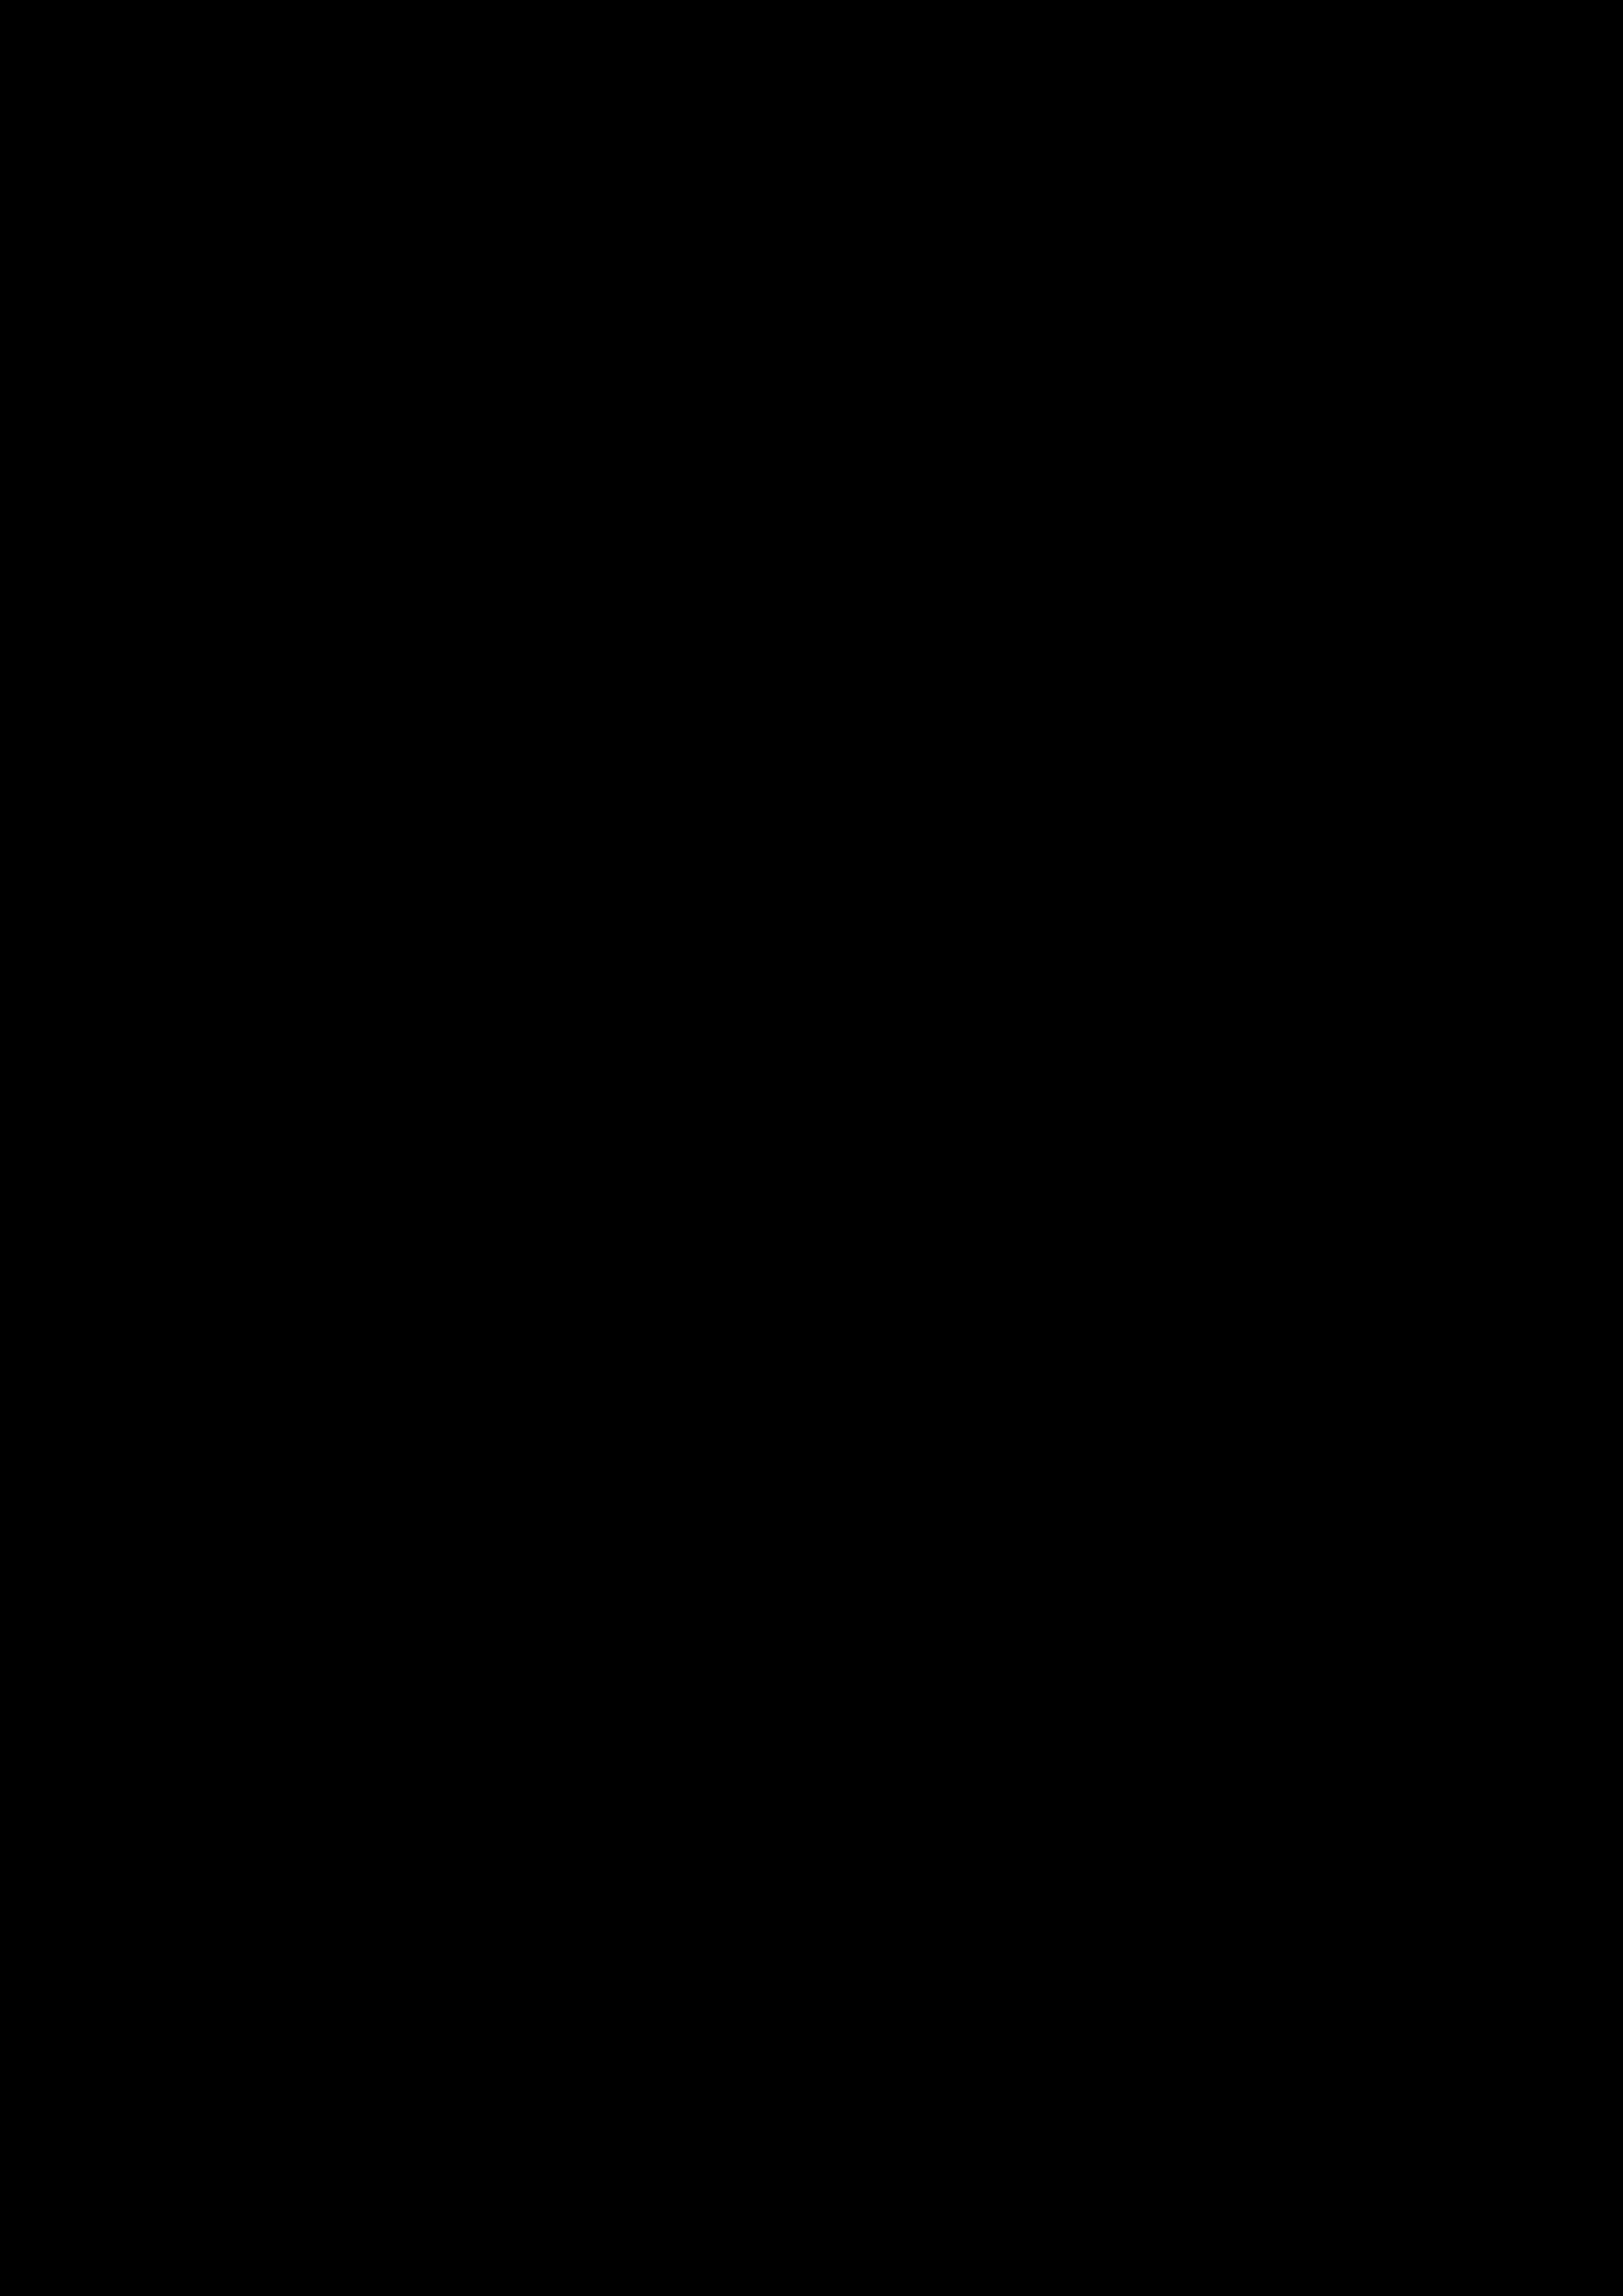 貝加爾湖畔( 鋼琴加手風琴合唱譜) 提示:按f11切換瀏覽器全屏模式.圖片